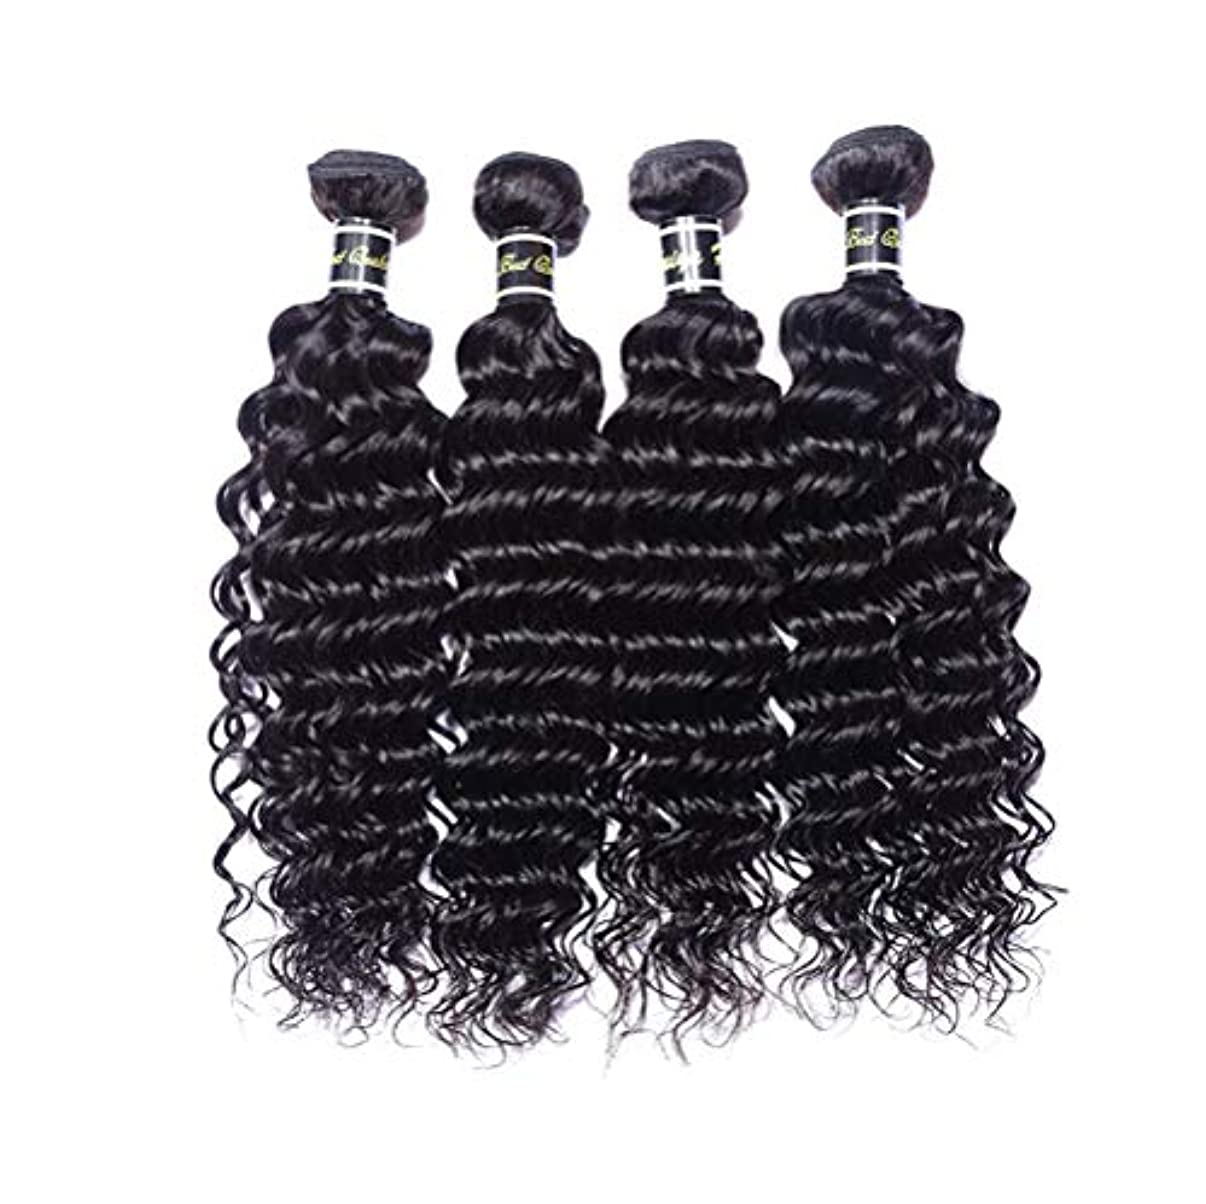 バラバラにする作曲する郵便局髪織り8aブラジルバージンヘアディープウェーブバンドル人間の髪バンドルディープウェーブブラジルヘアバンドルディープウェーブ人間の髪